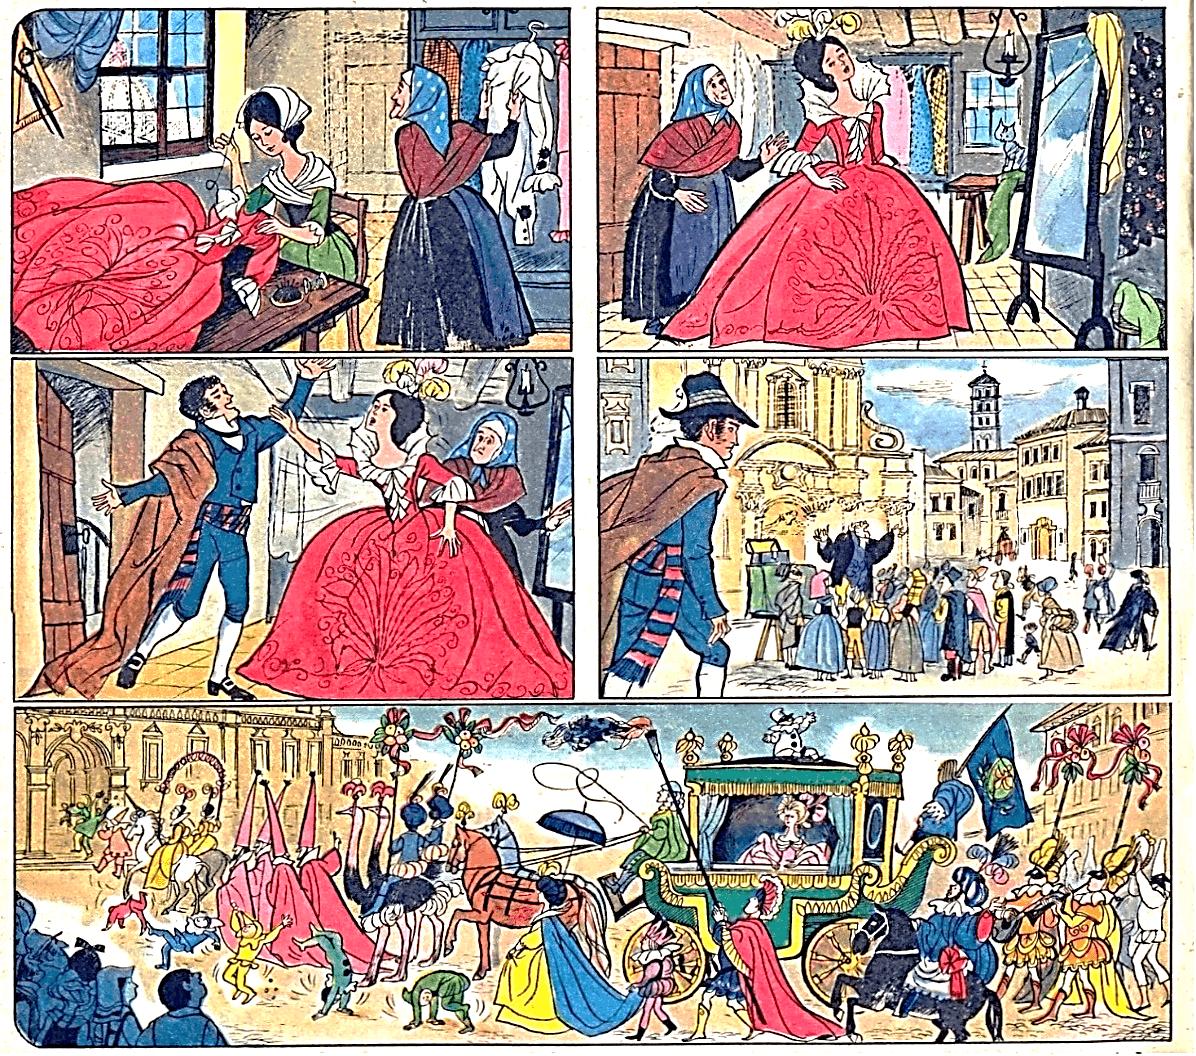 Иллюстрация Грации Нидасио к новелле Э.Т.А. Гофмана «Принцесса Брамбилла»